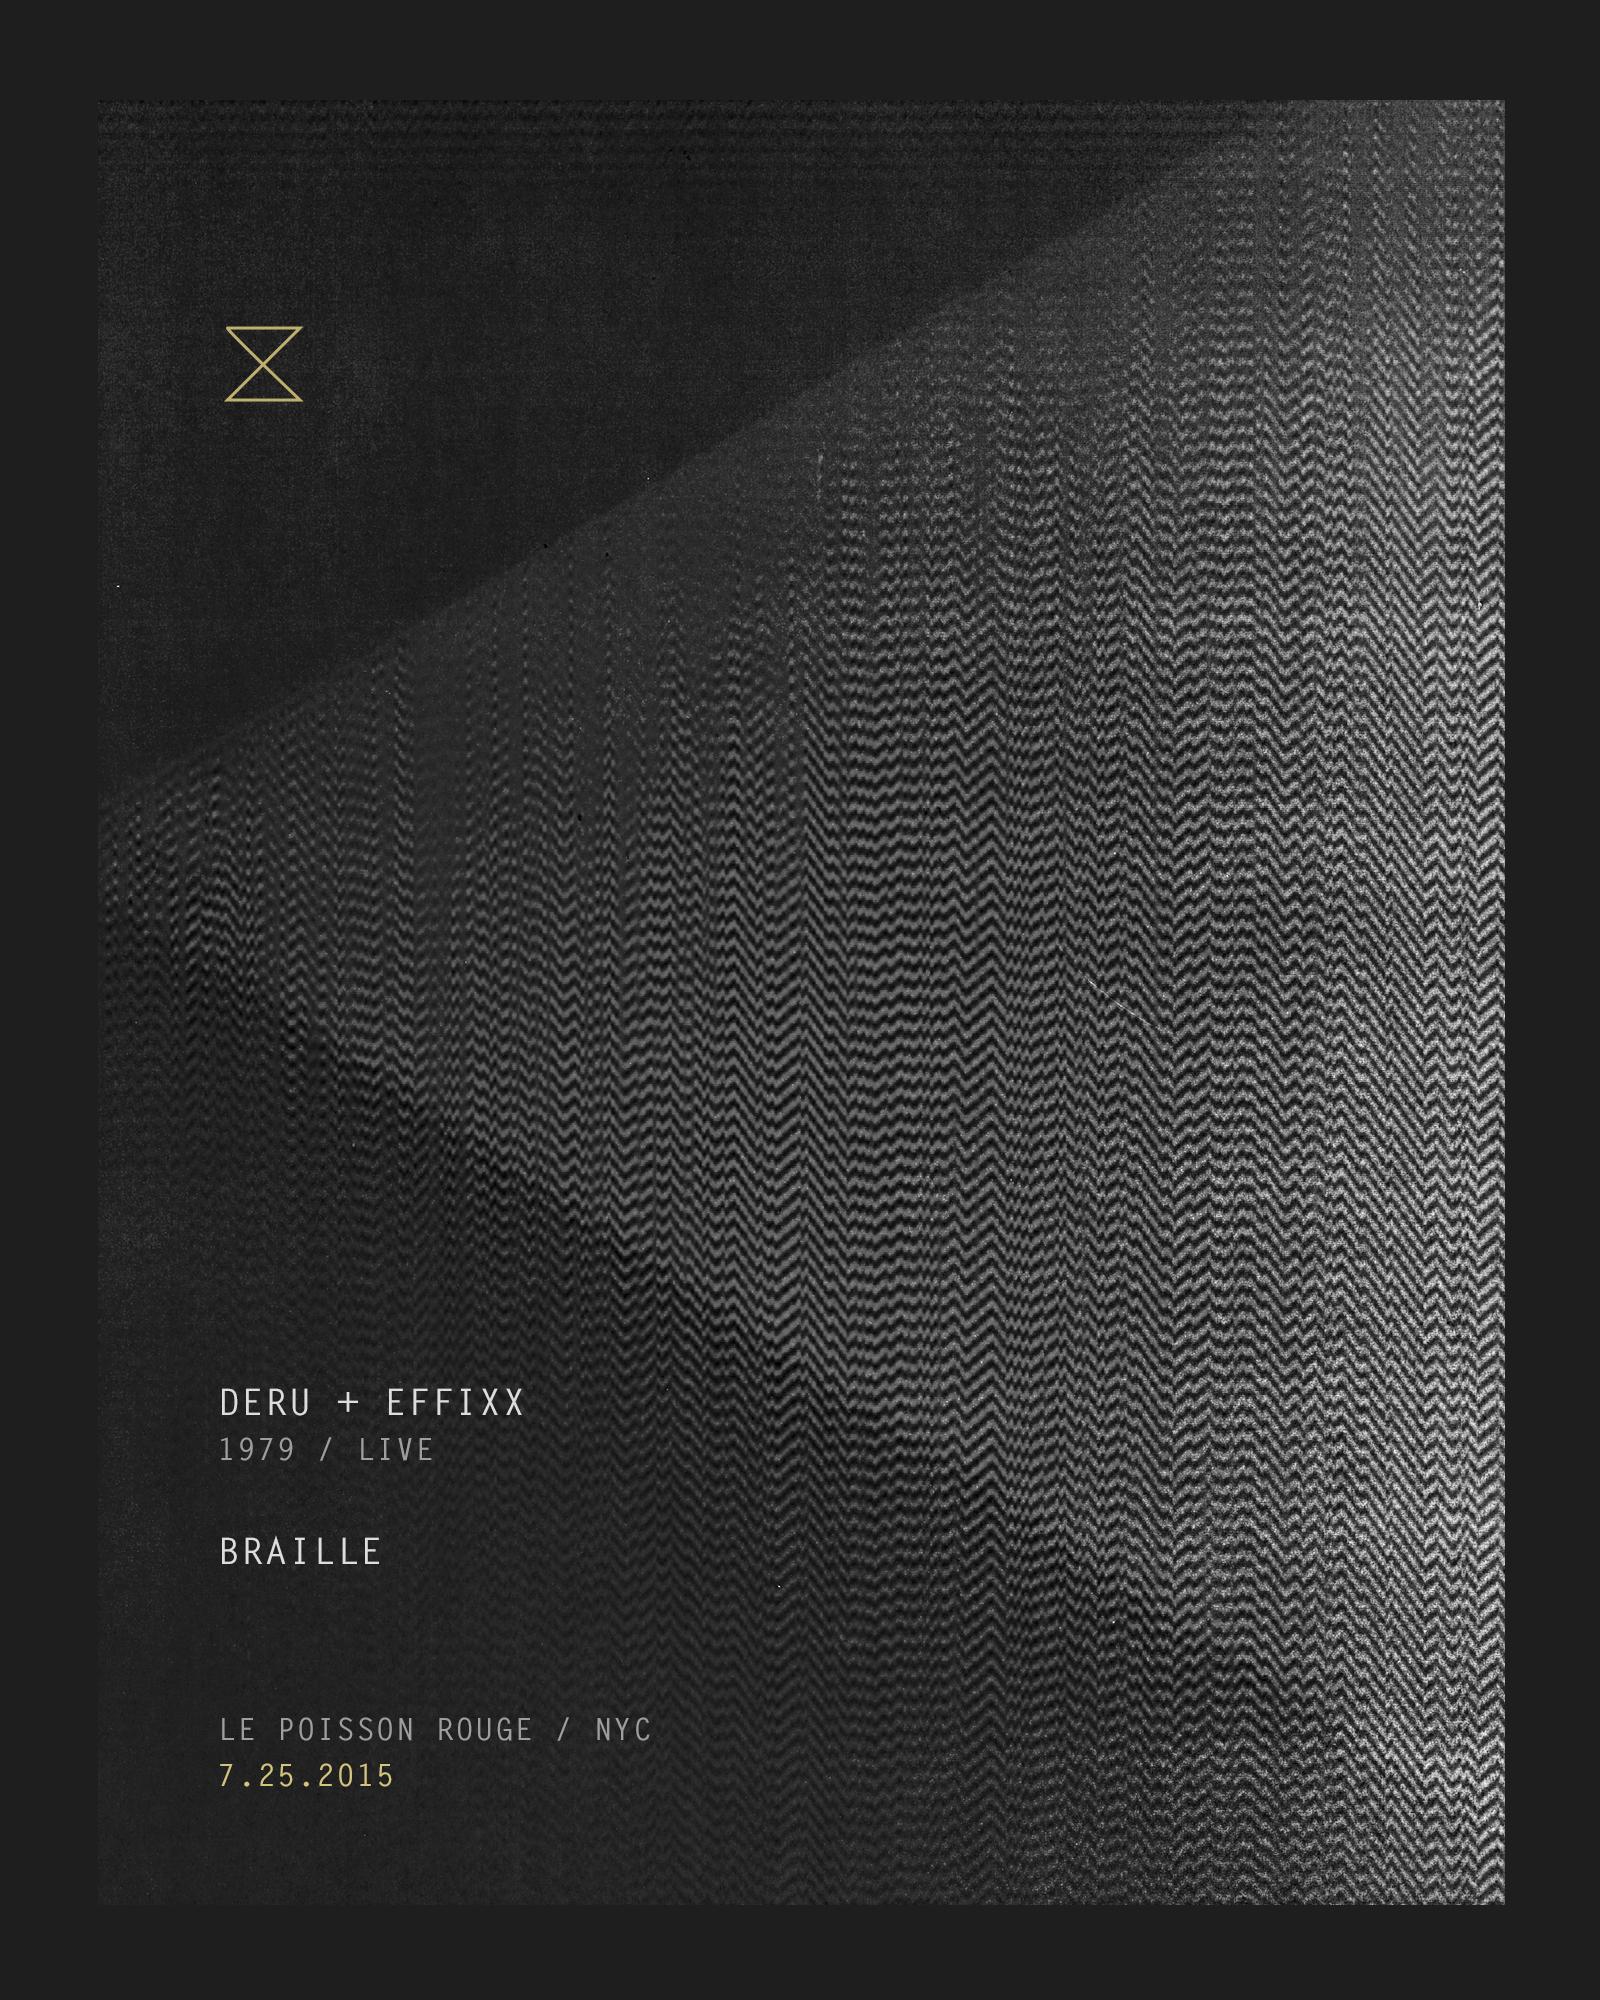 Deru_Braille_LPR.jpg